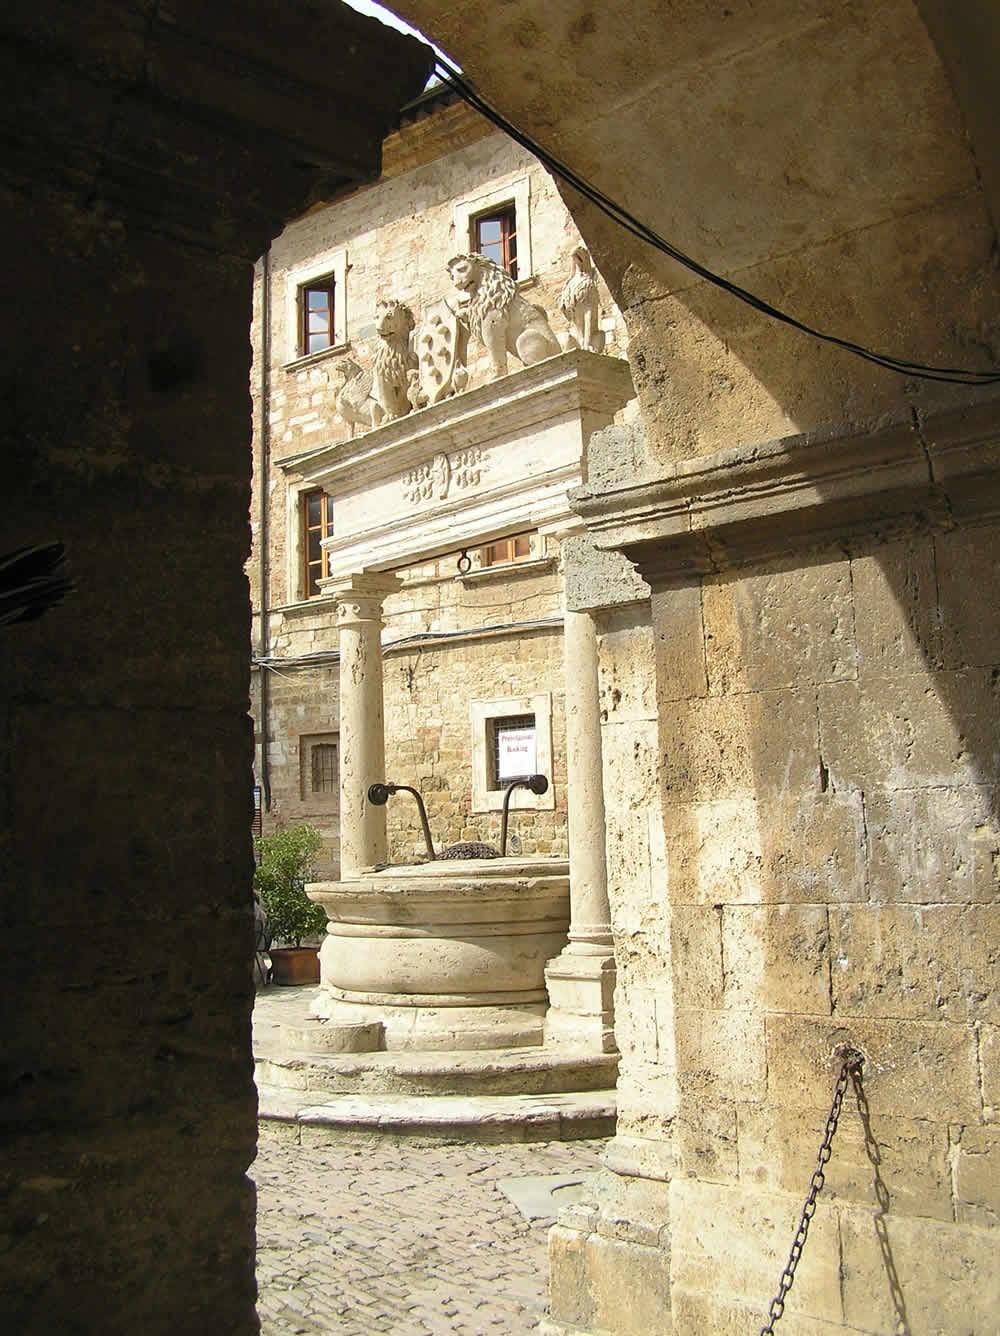 Il Pozzo de' Grifi e de' Leoni, Montepulciano, Siena. Author and Copyright Marco Ramerini